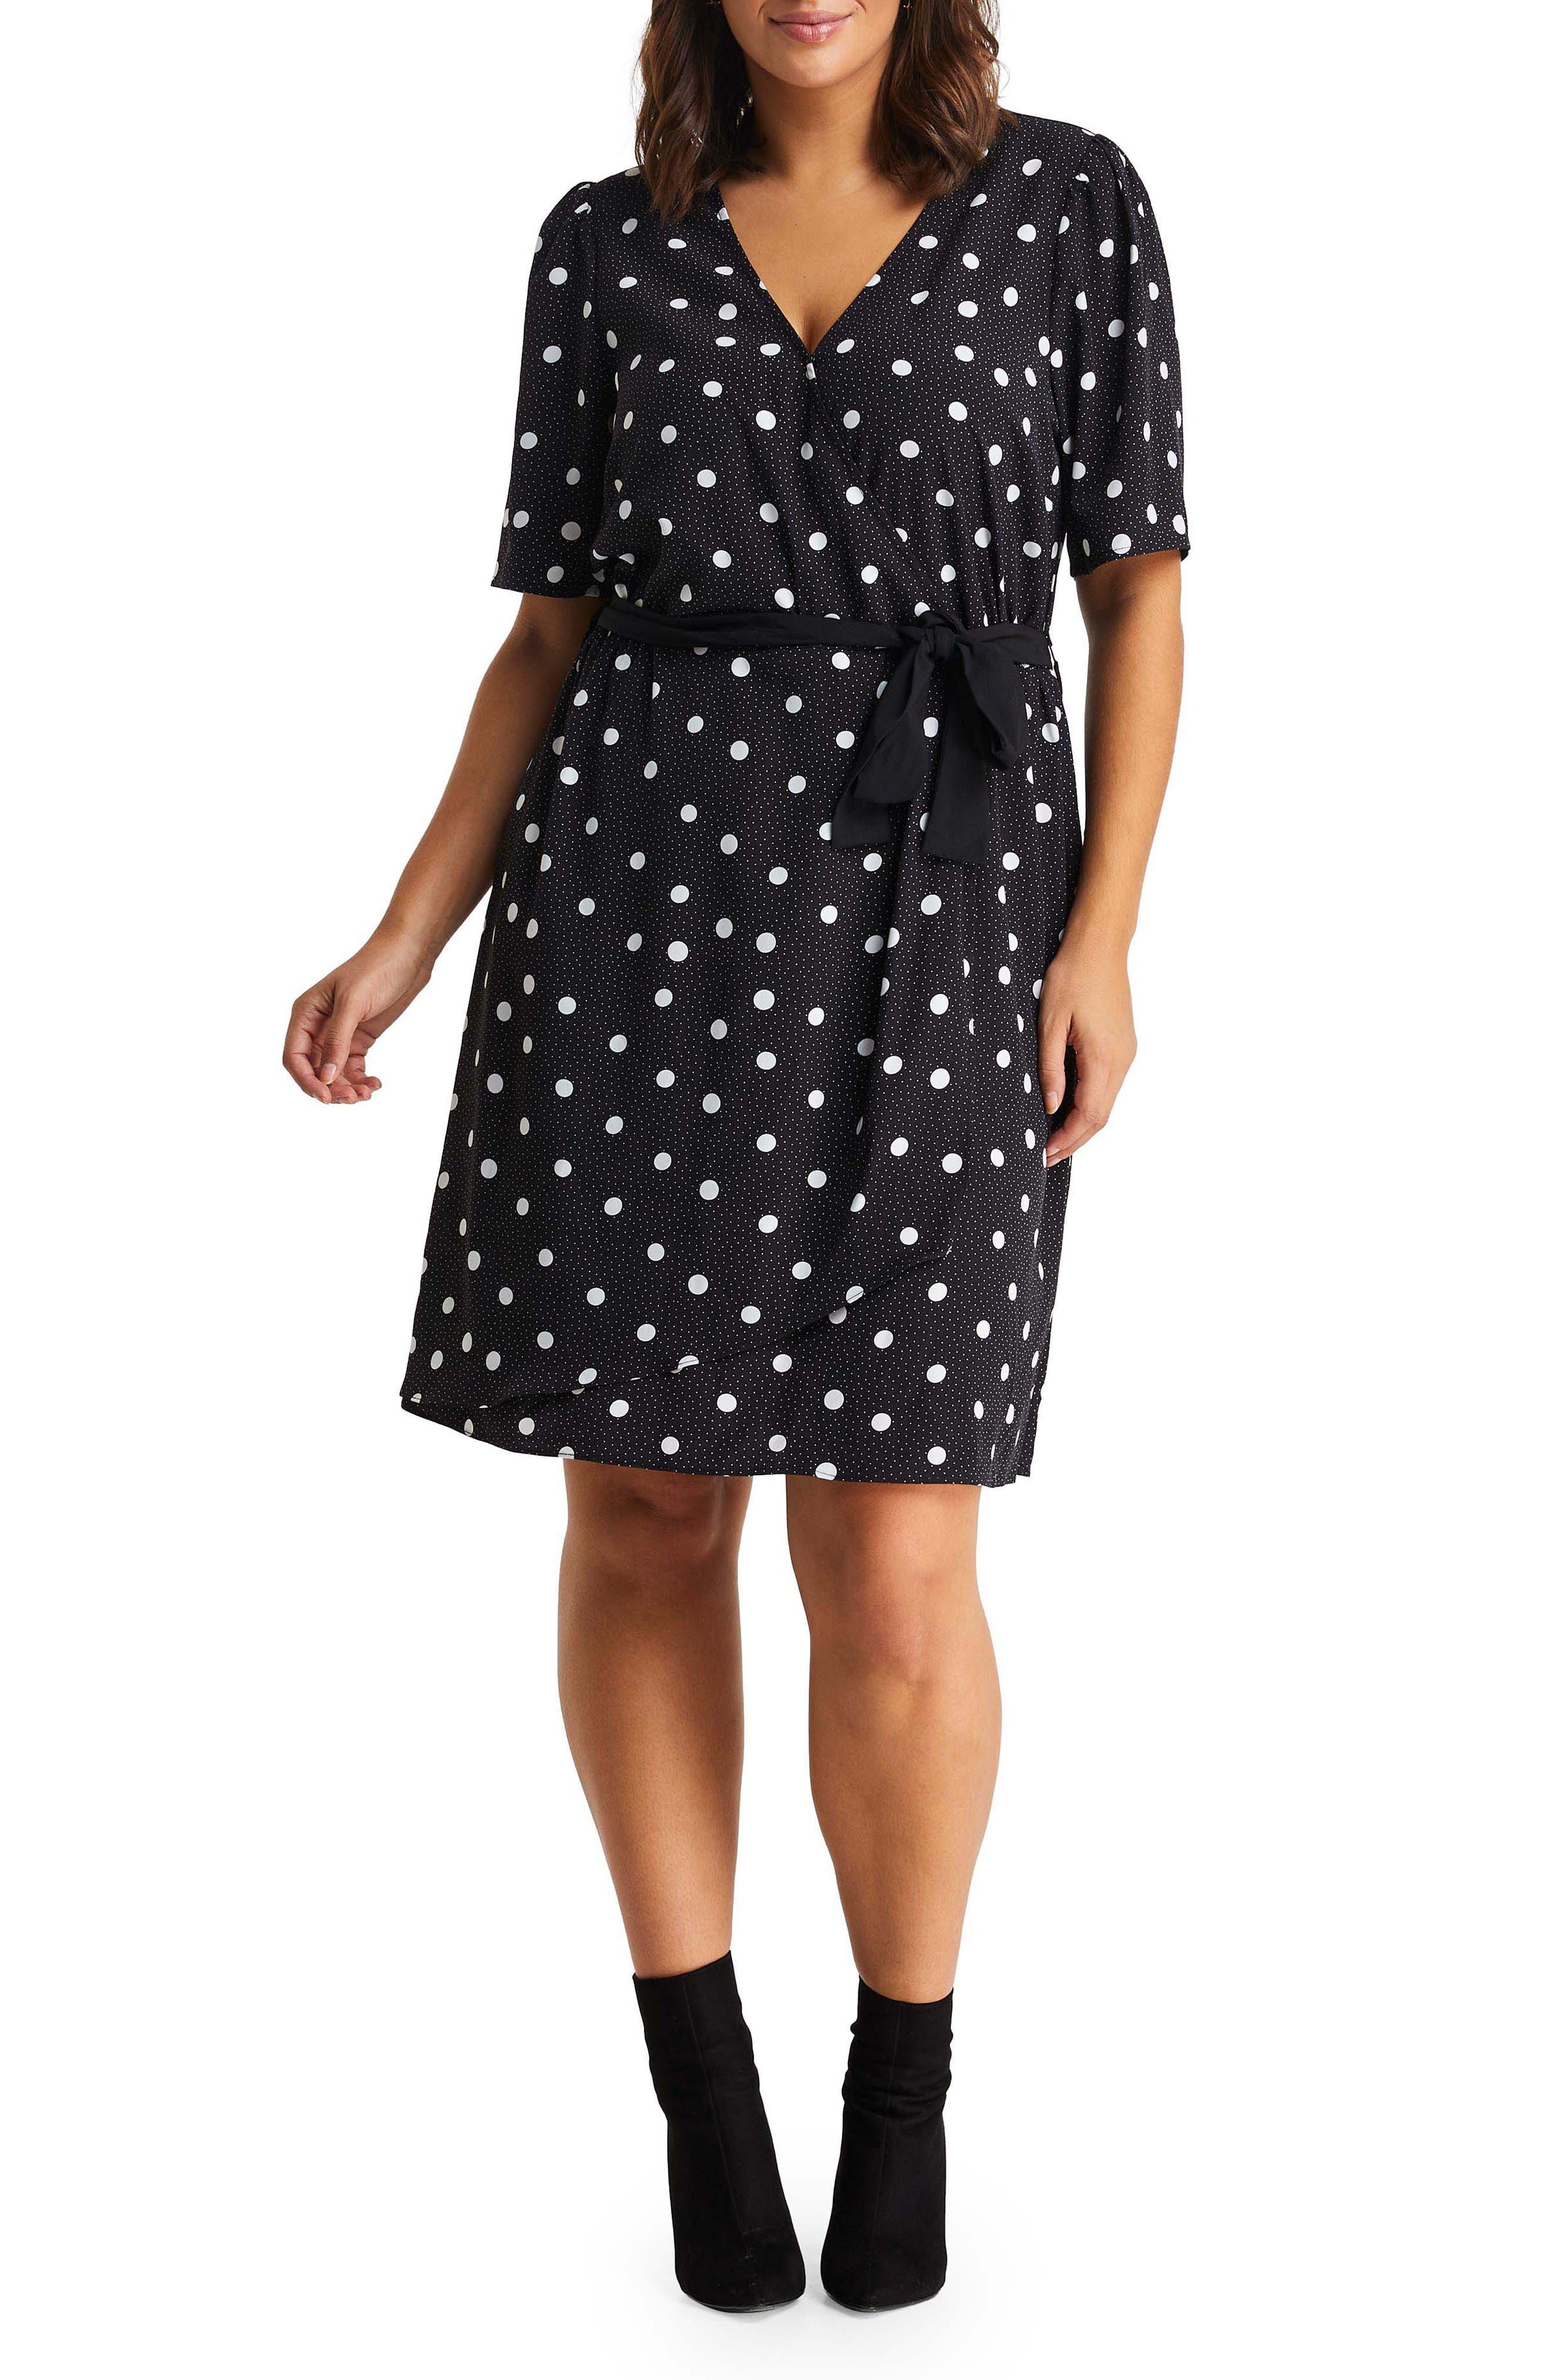 Double Take Dot Dress